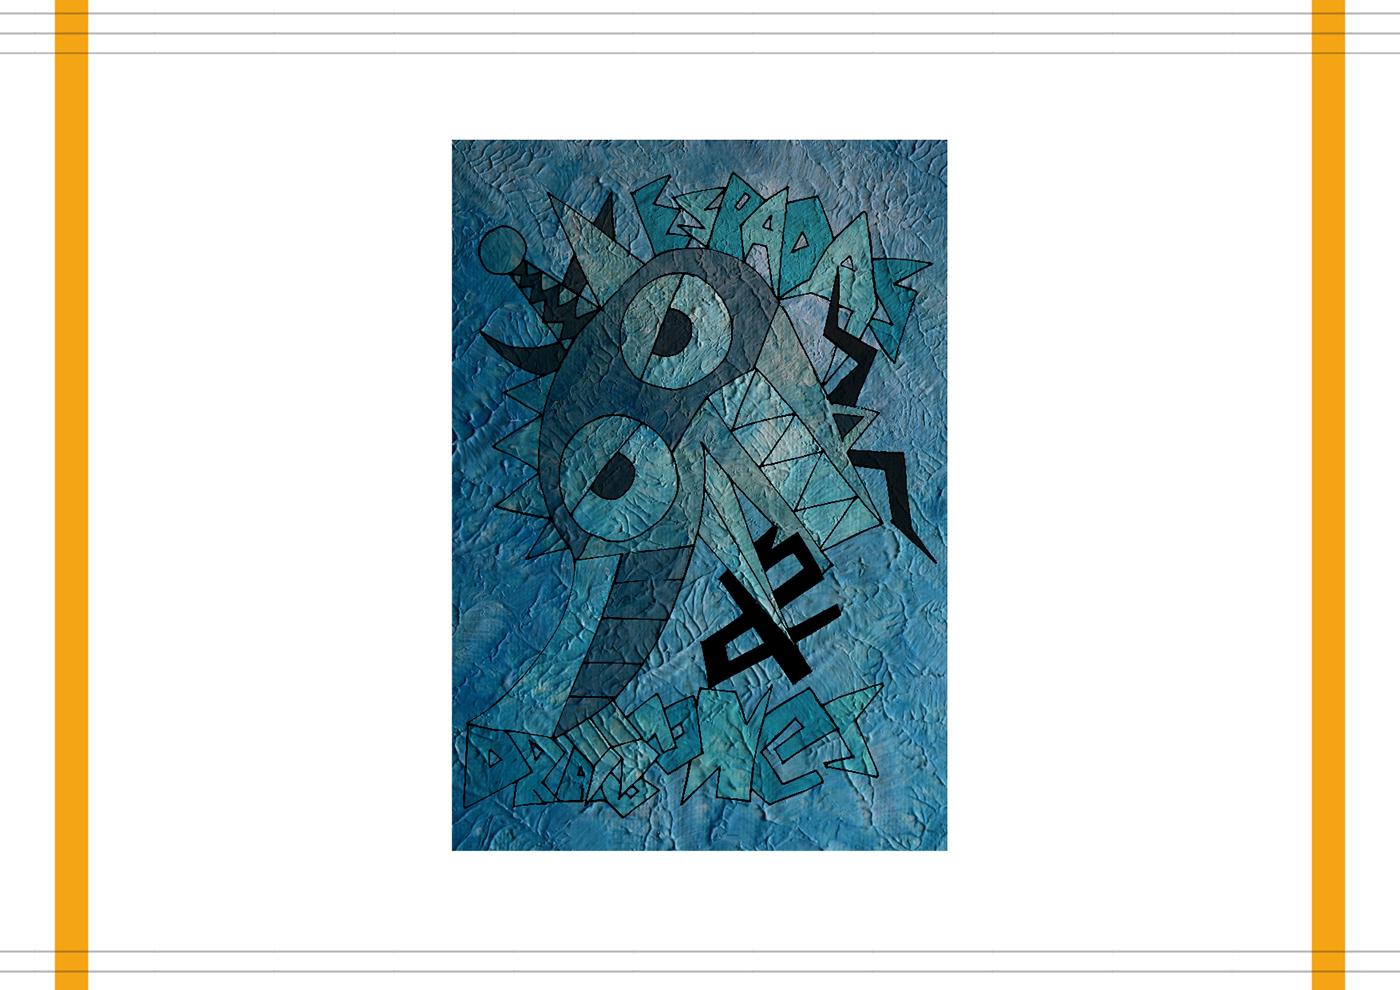 diseño gráfico mar del plata muestra Choquegrafia lettering caligrafia movimientos artisticos